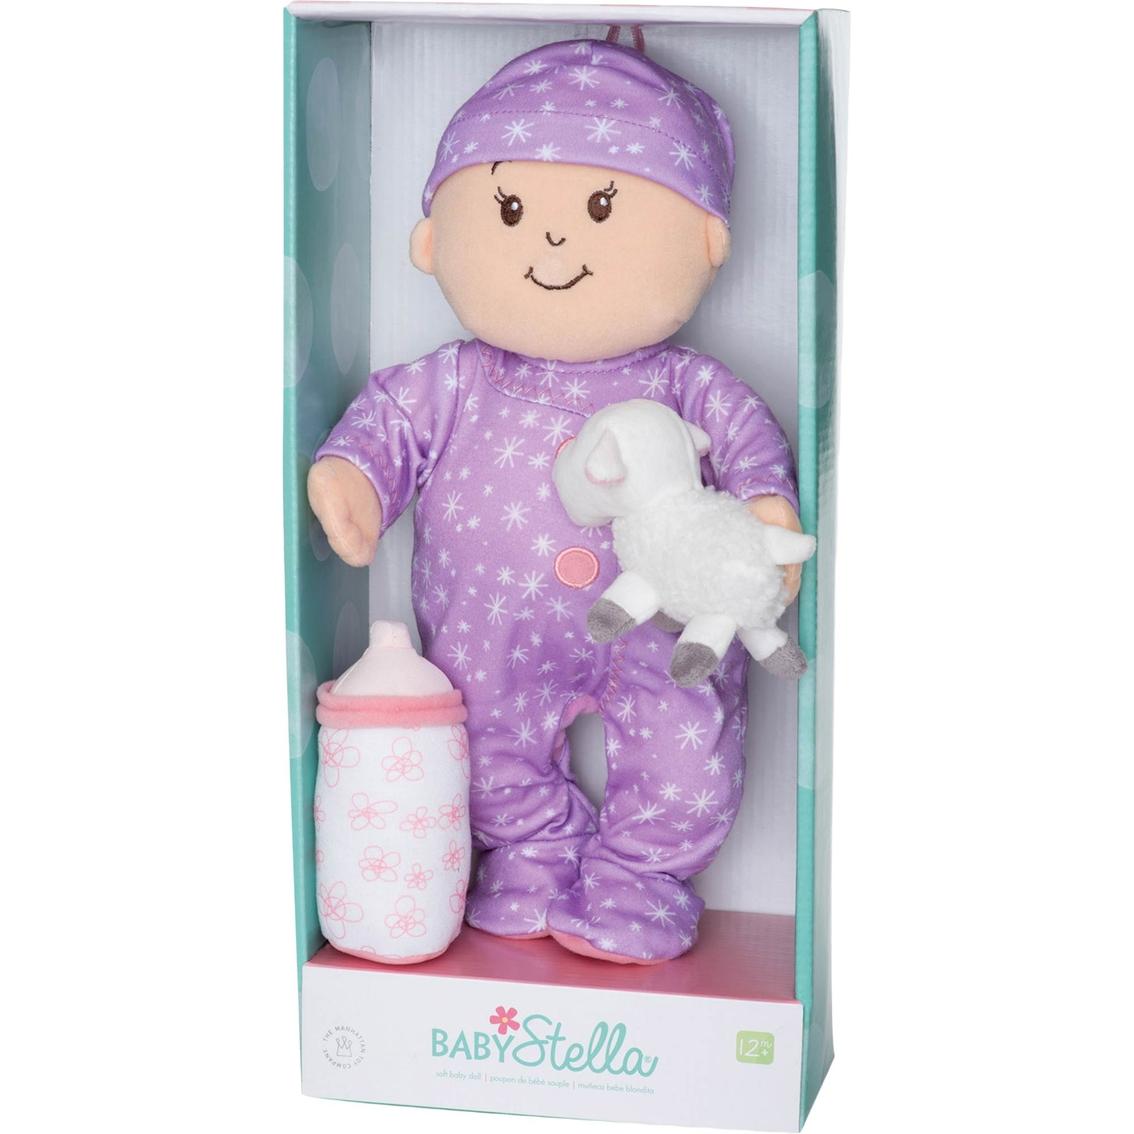 b1ca98da5728a Manhattan Toy Baby Stella Sweet Dreams Doll | Doll Accessories ...